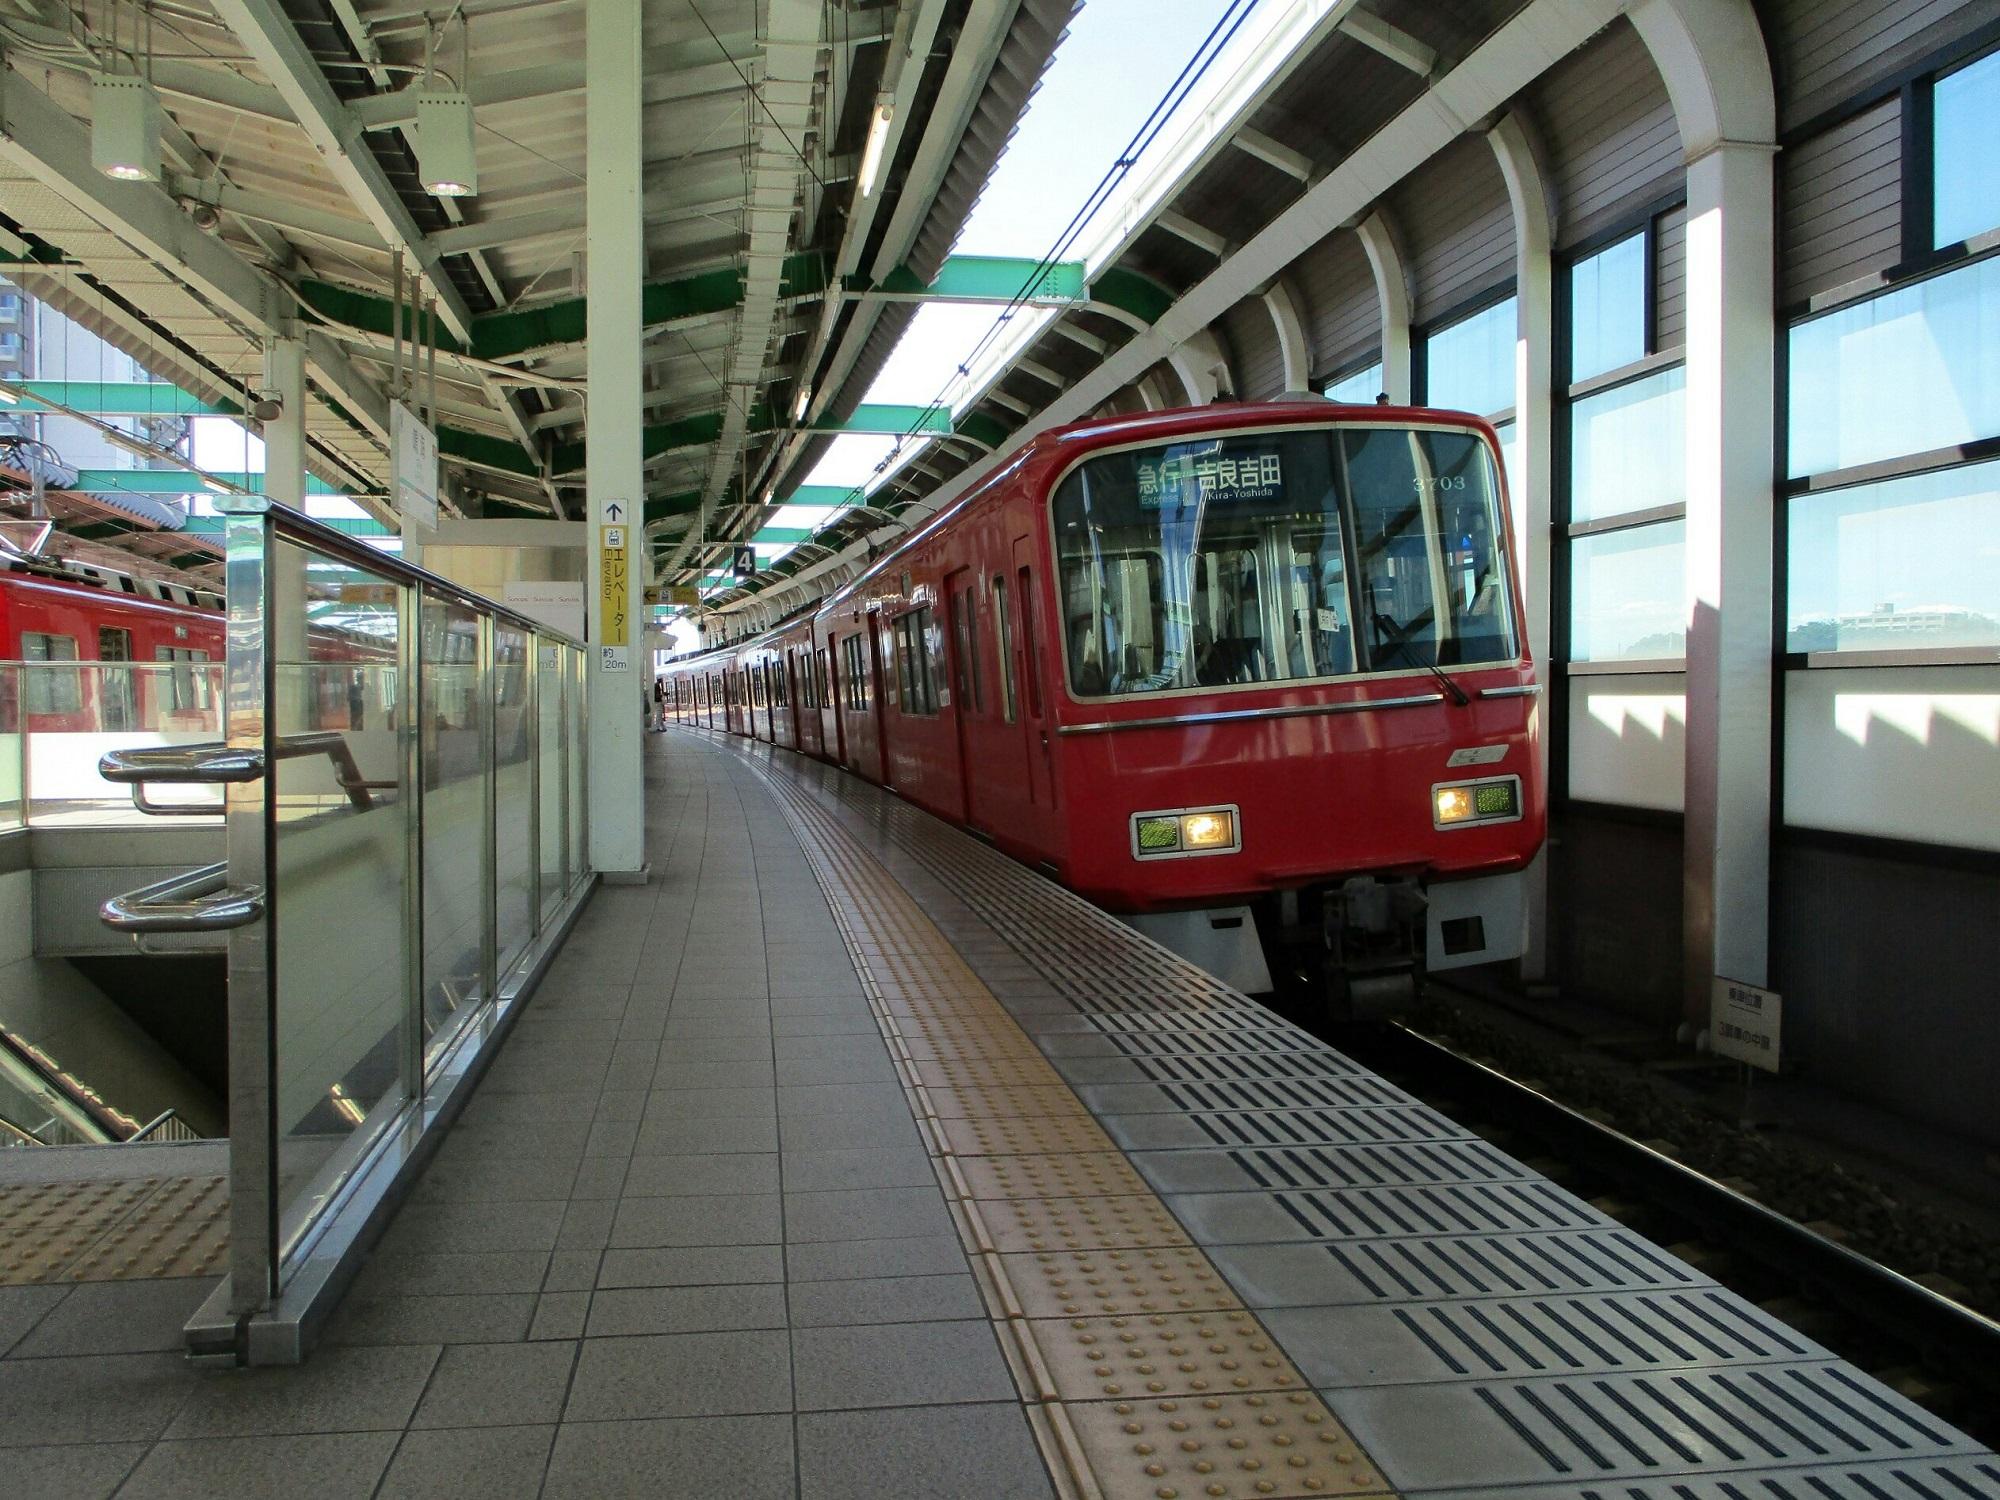 2018.8.22 (17) 鳴海 - 吉良吉田いき急行 2000-1500